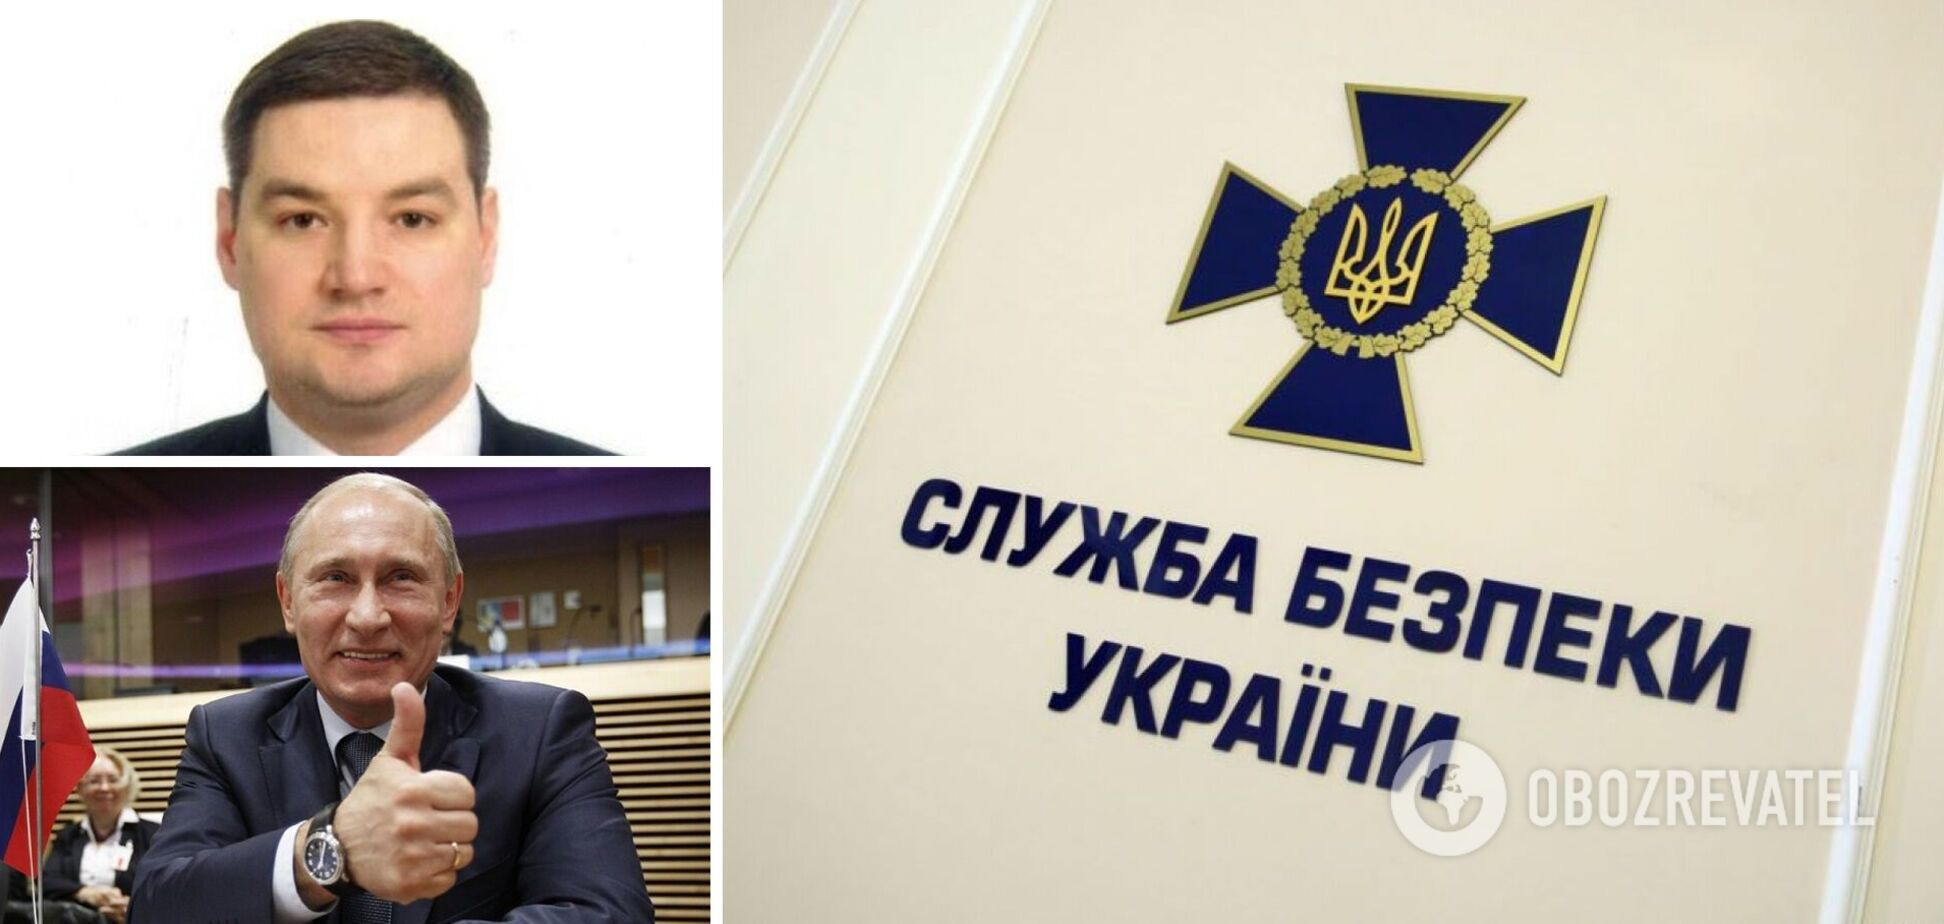 Нескоромный первый раз в жизни 'прозевал Владимира Владимировича'